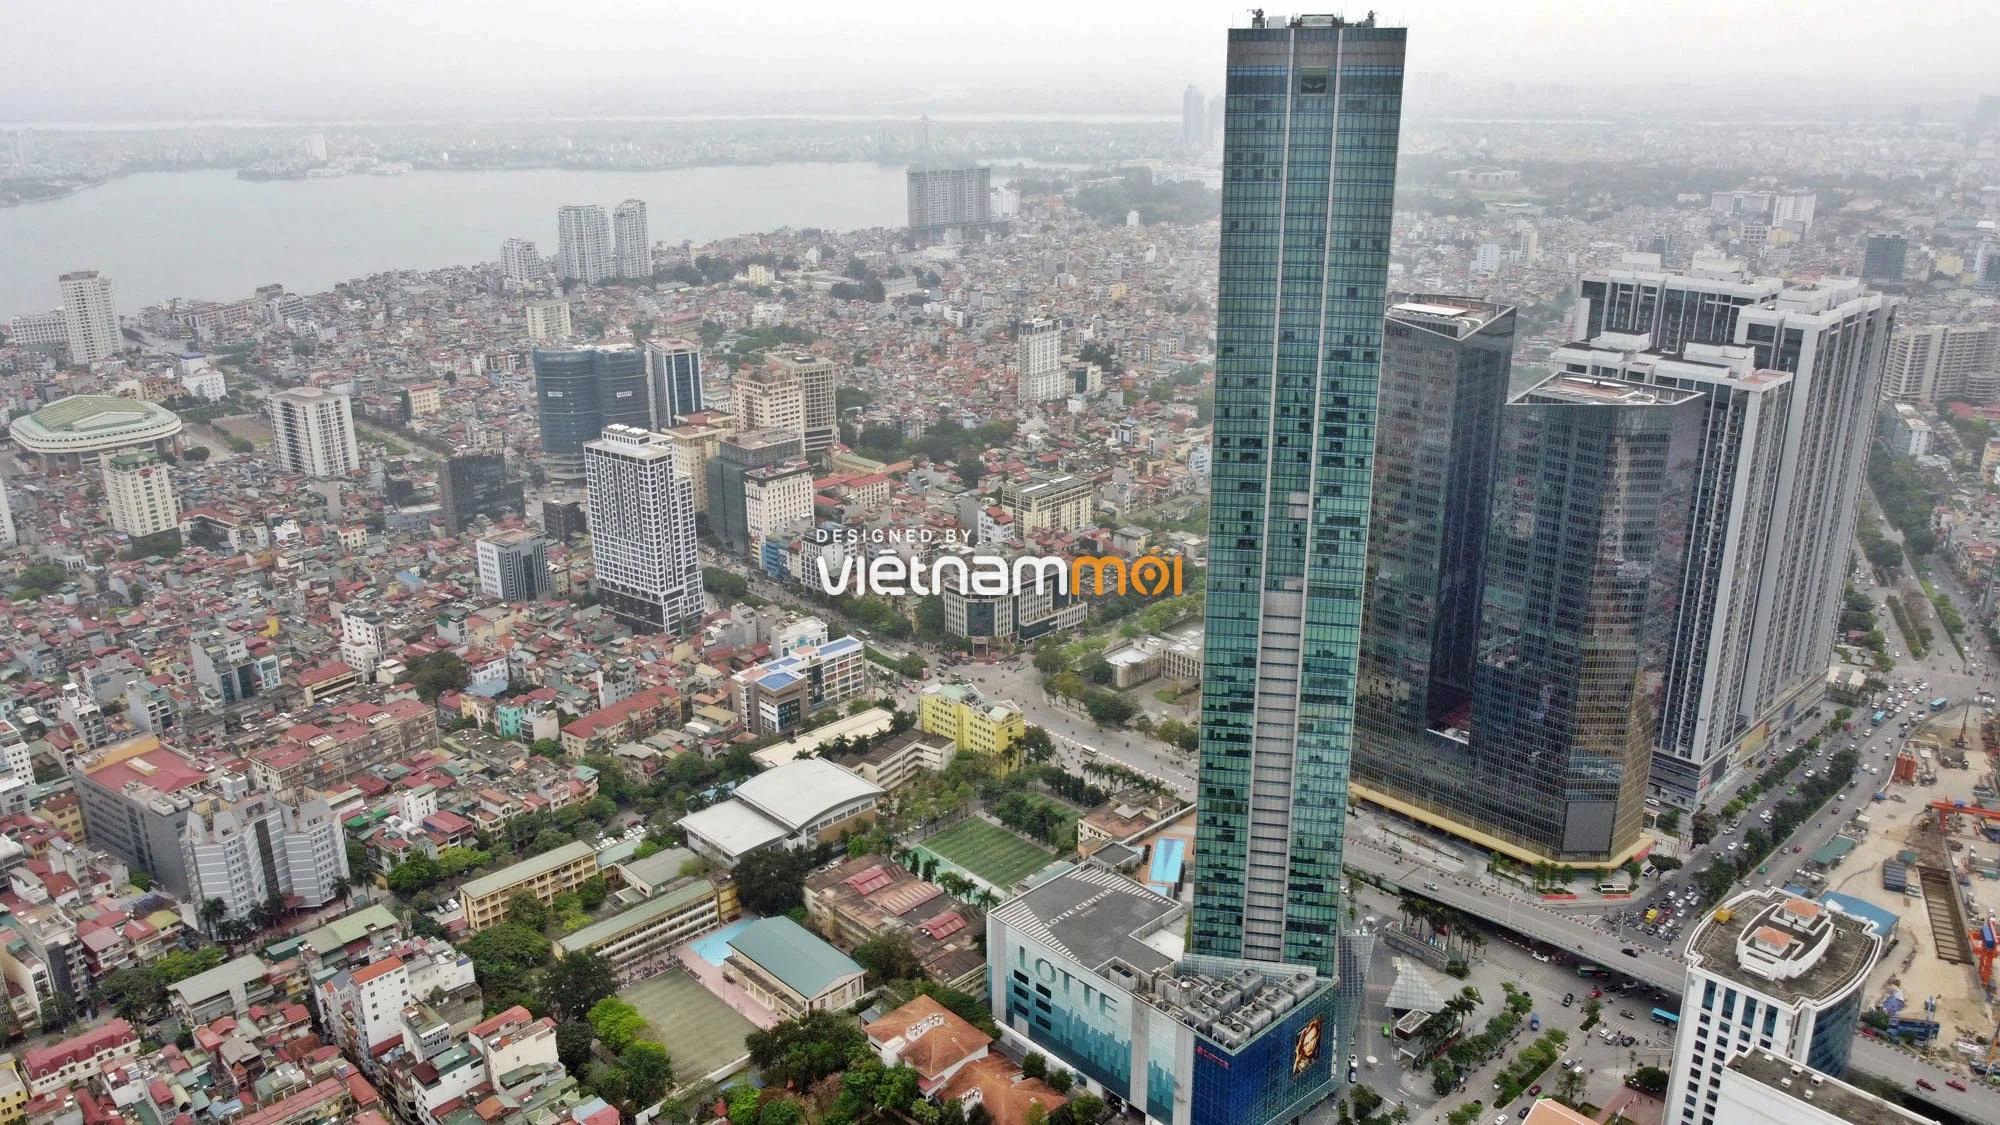 Cận cảnh tòa nhà duy nhất được xây trên 50 tầng ở vùng nội đô lịch sử - Ảnh 5.